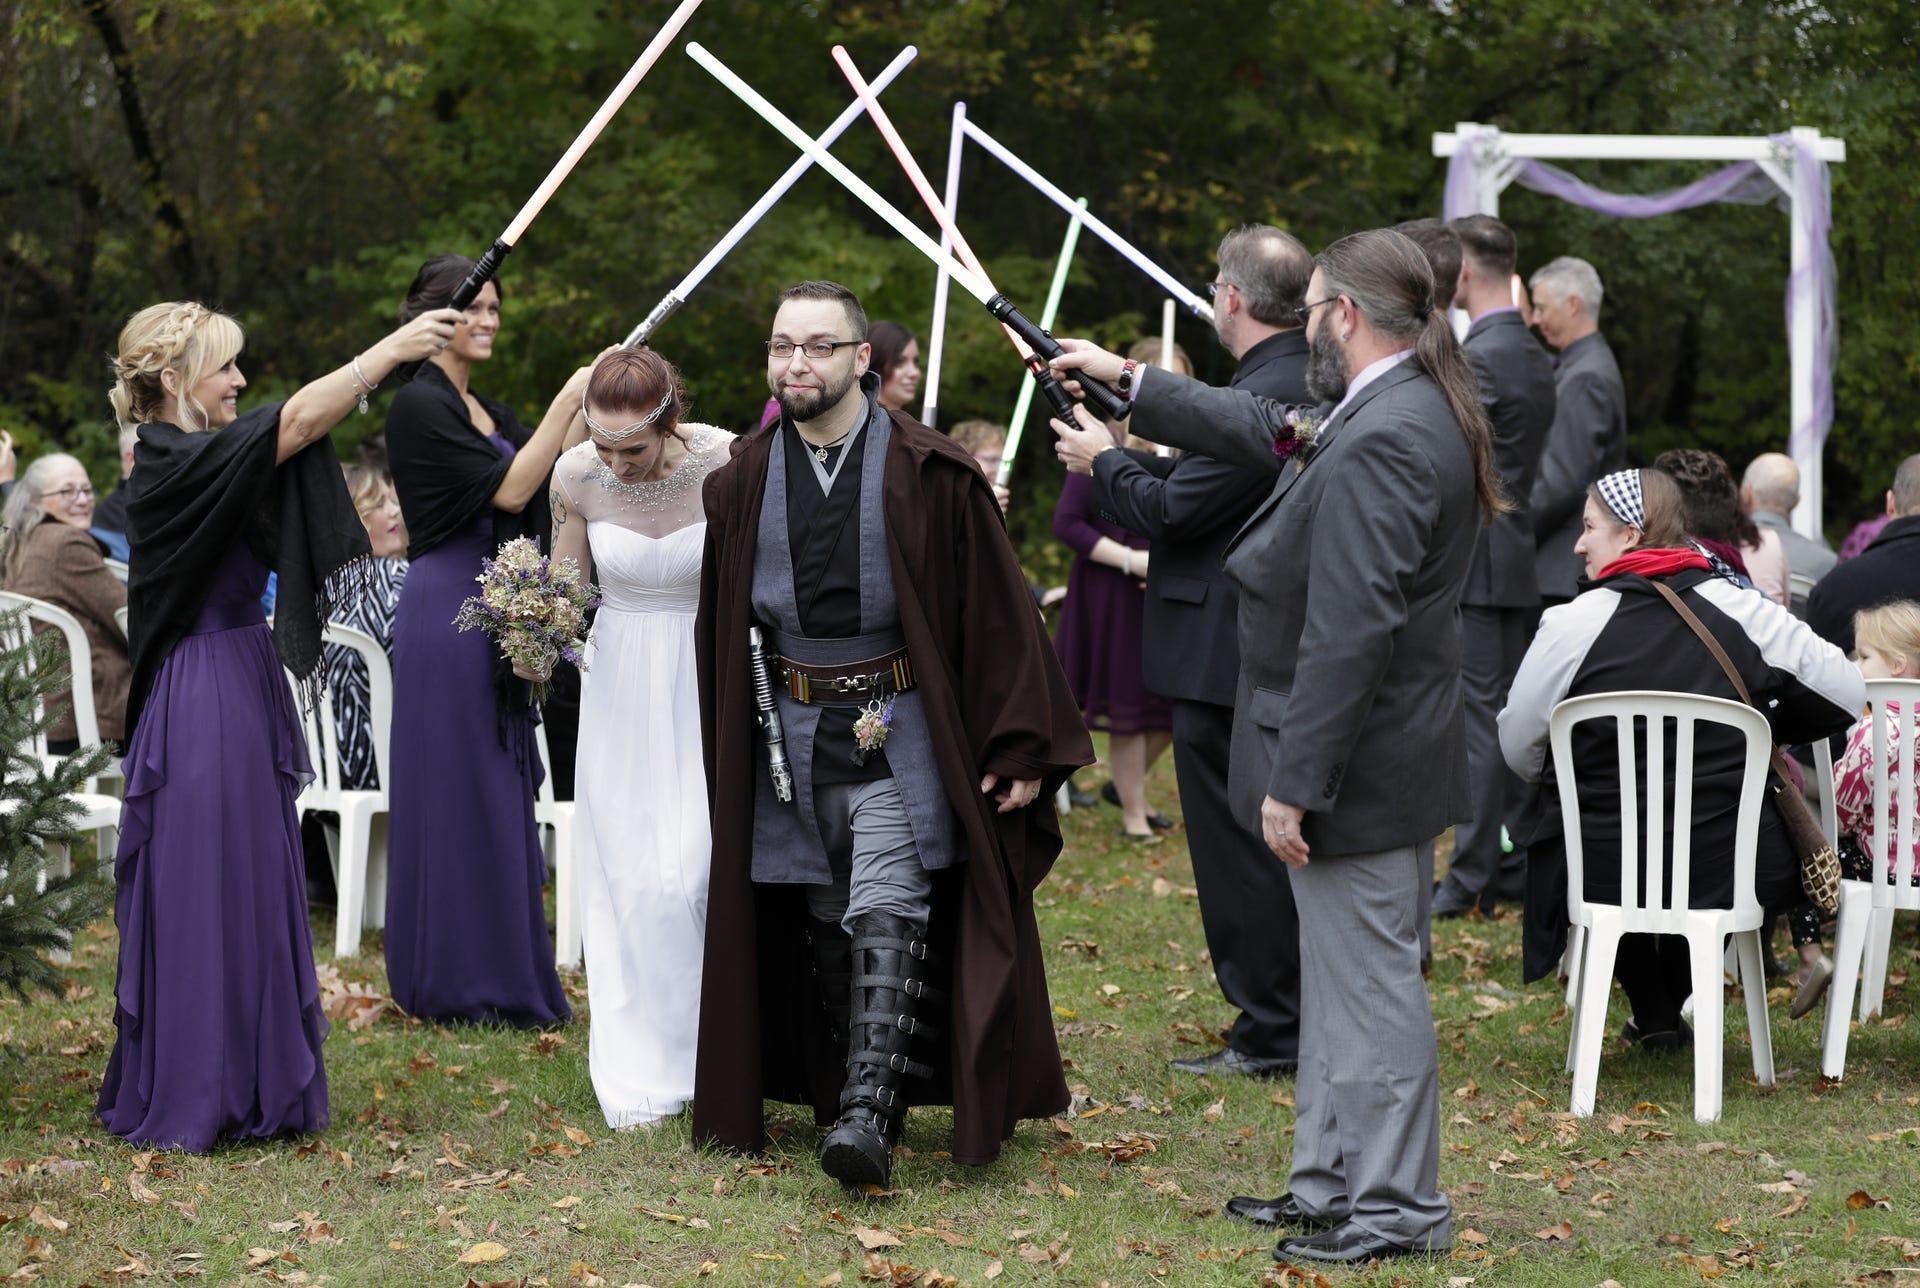 Star Wars Wedding.Shawano Couple Has Star Wars Wedding